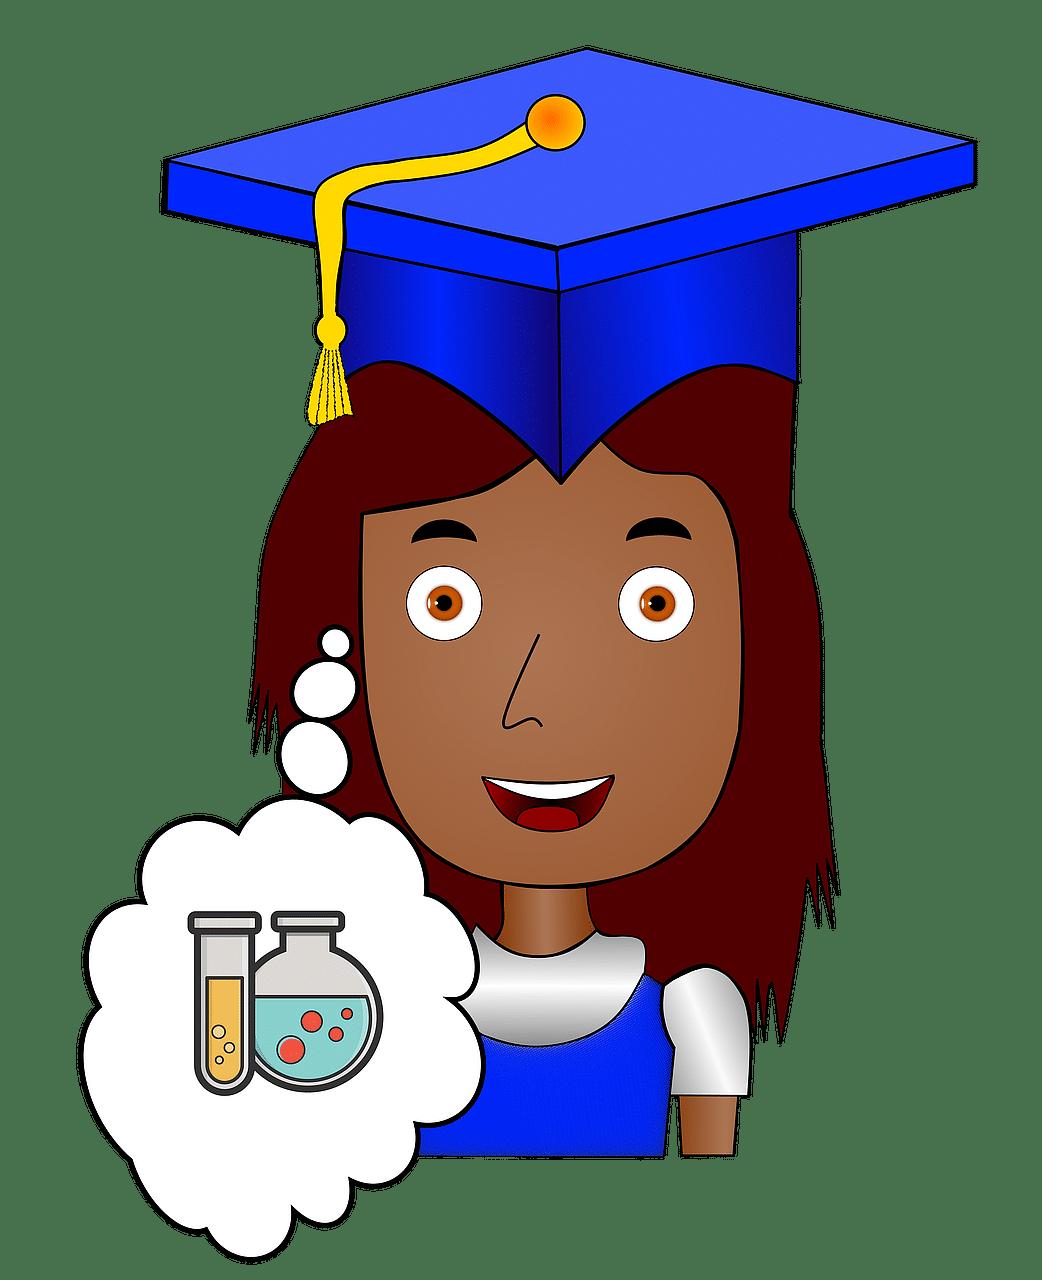 அறிவியல் பட்டப்படிப்பு